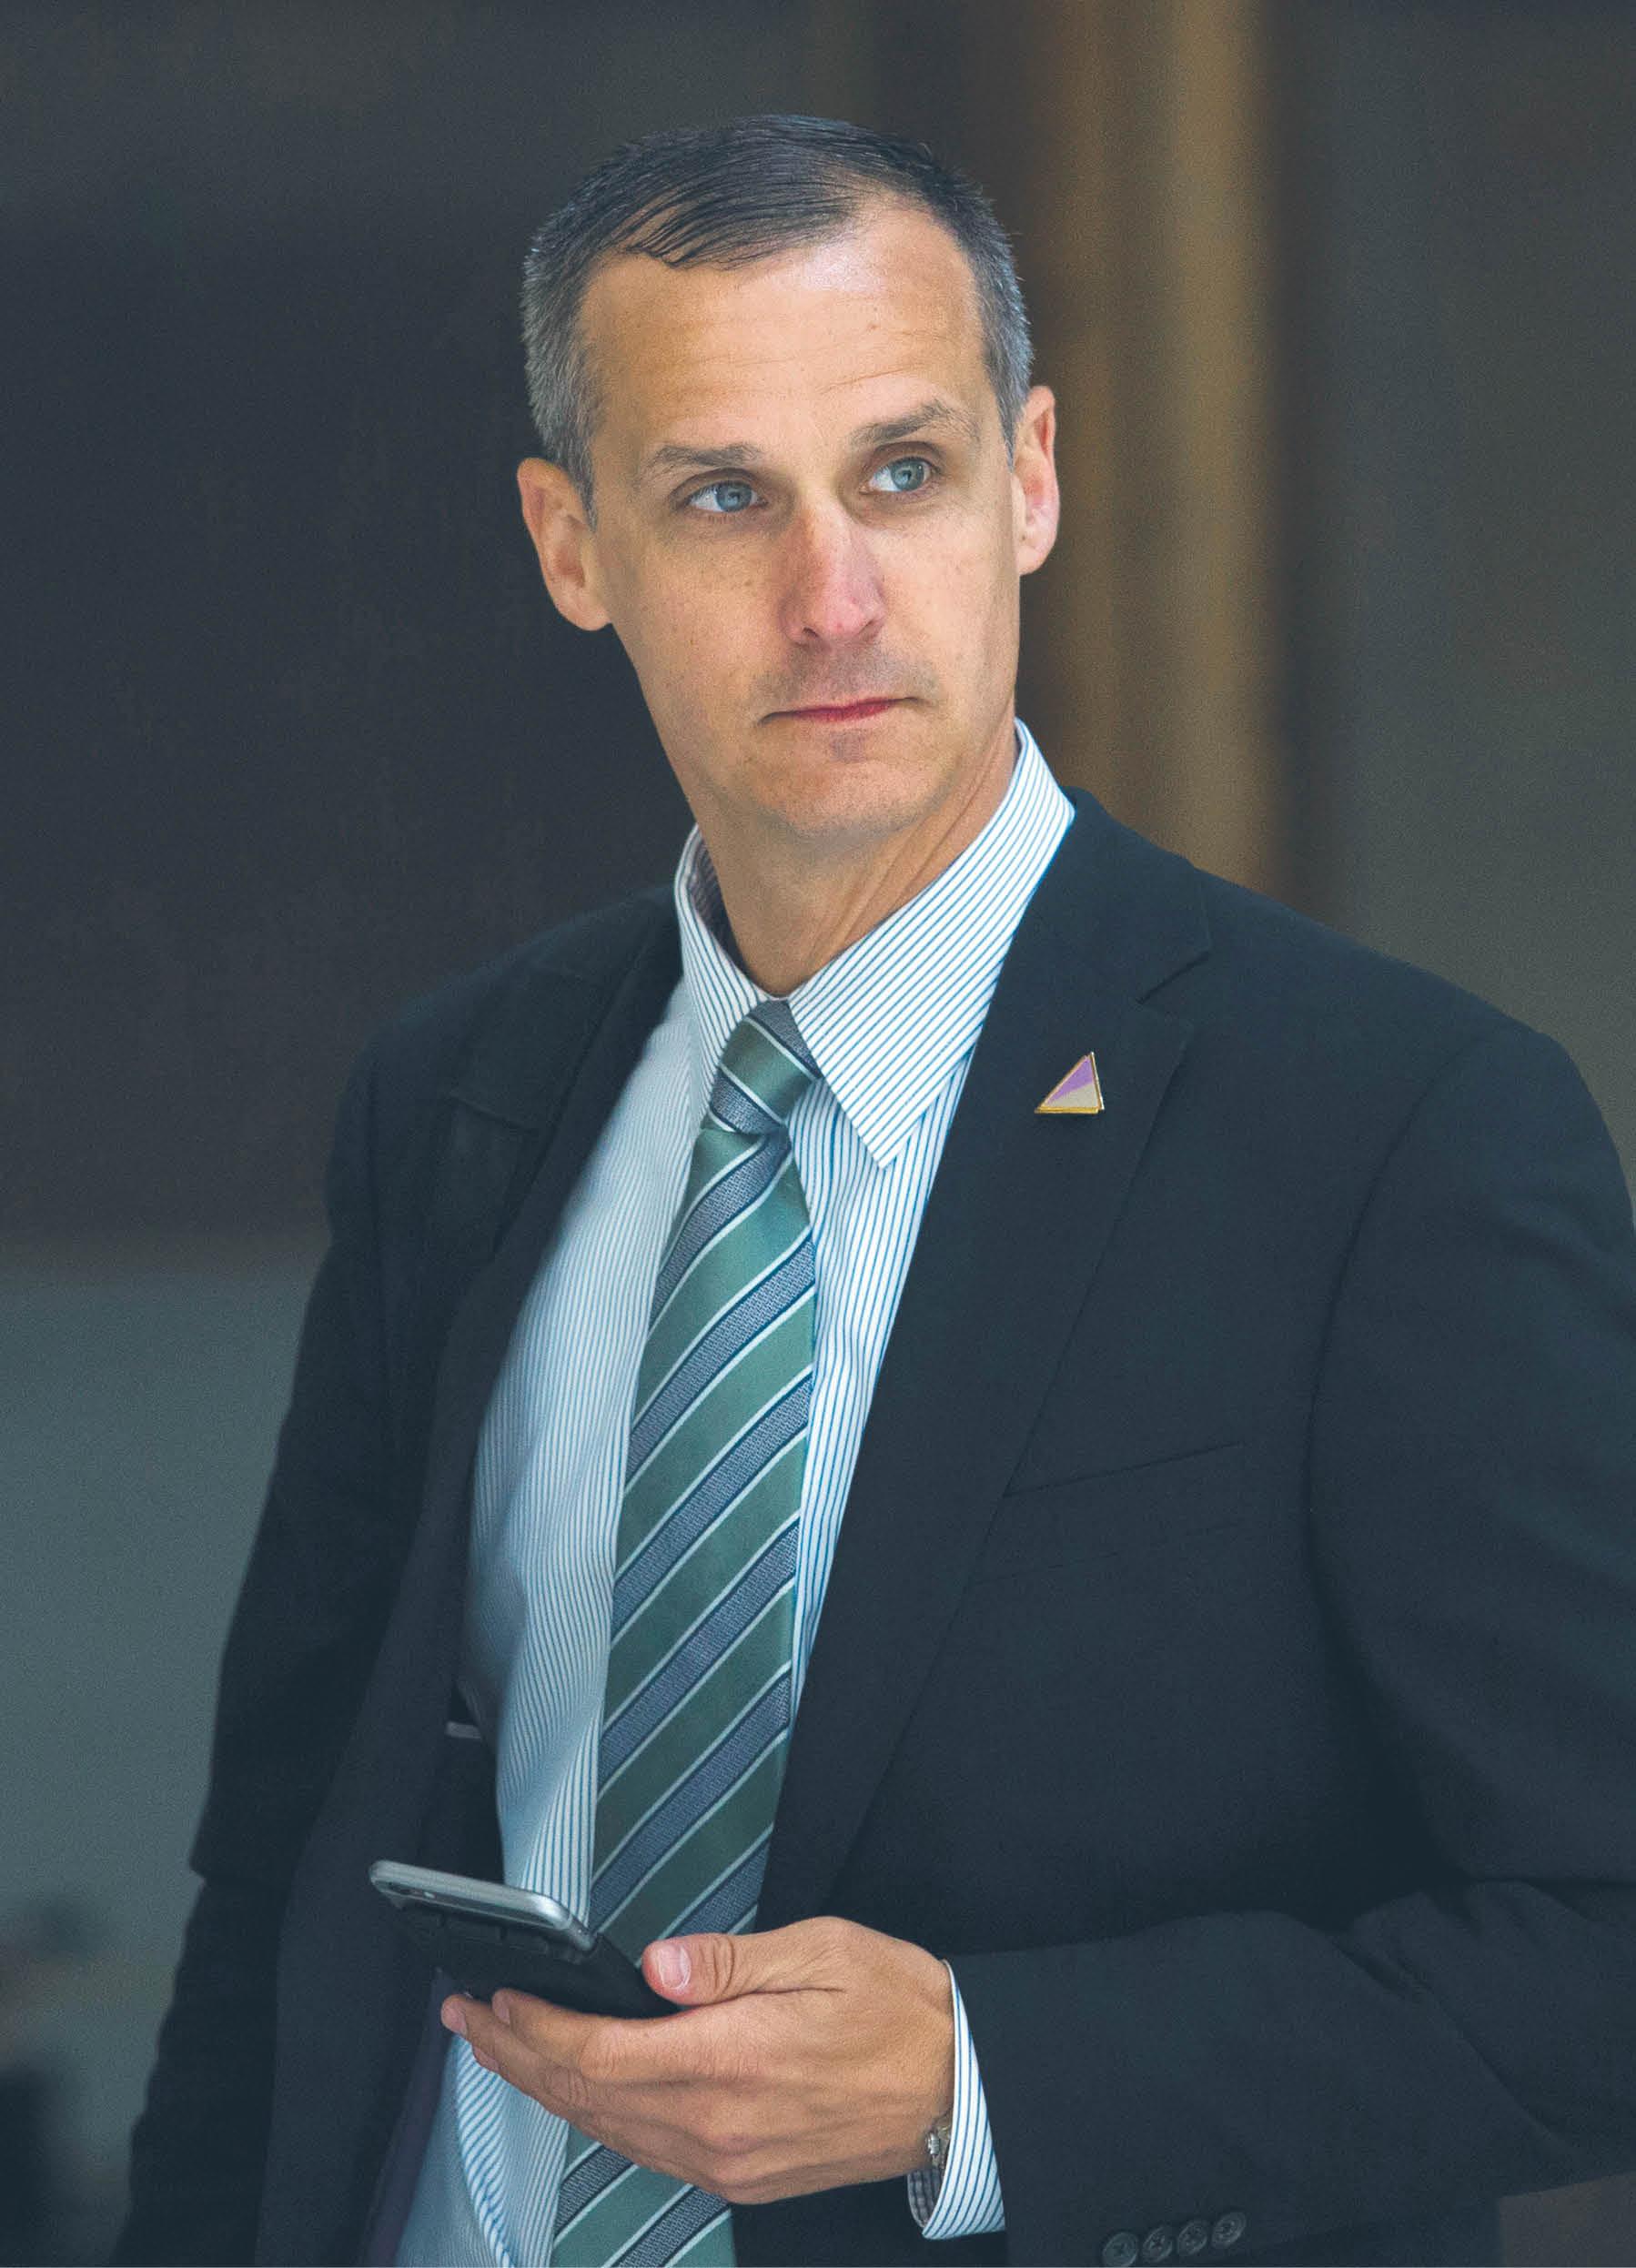 Corey Lewandowski, szef kampanii prezydenckiej Donalda Trumpa 2015–2016 r.